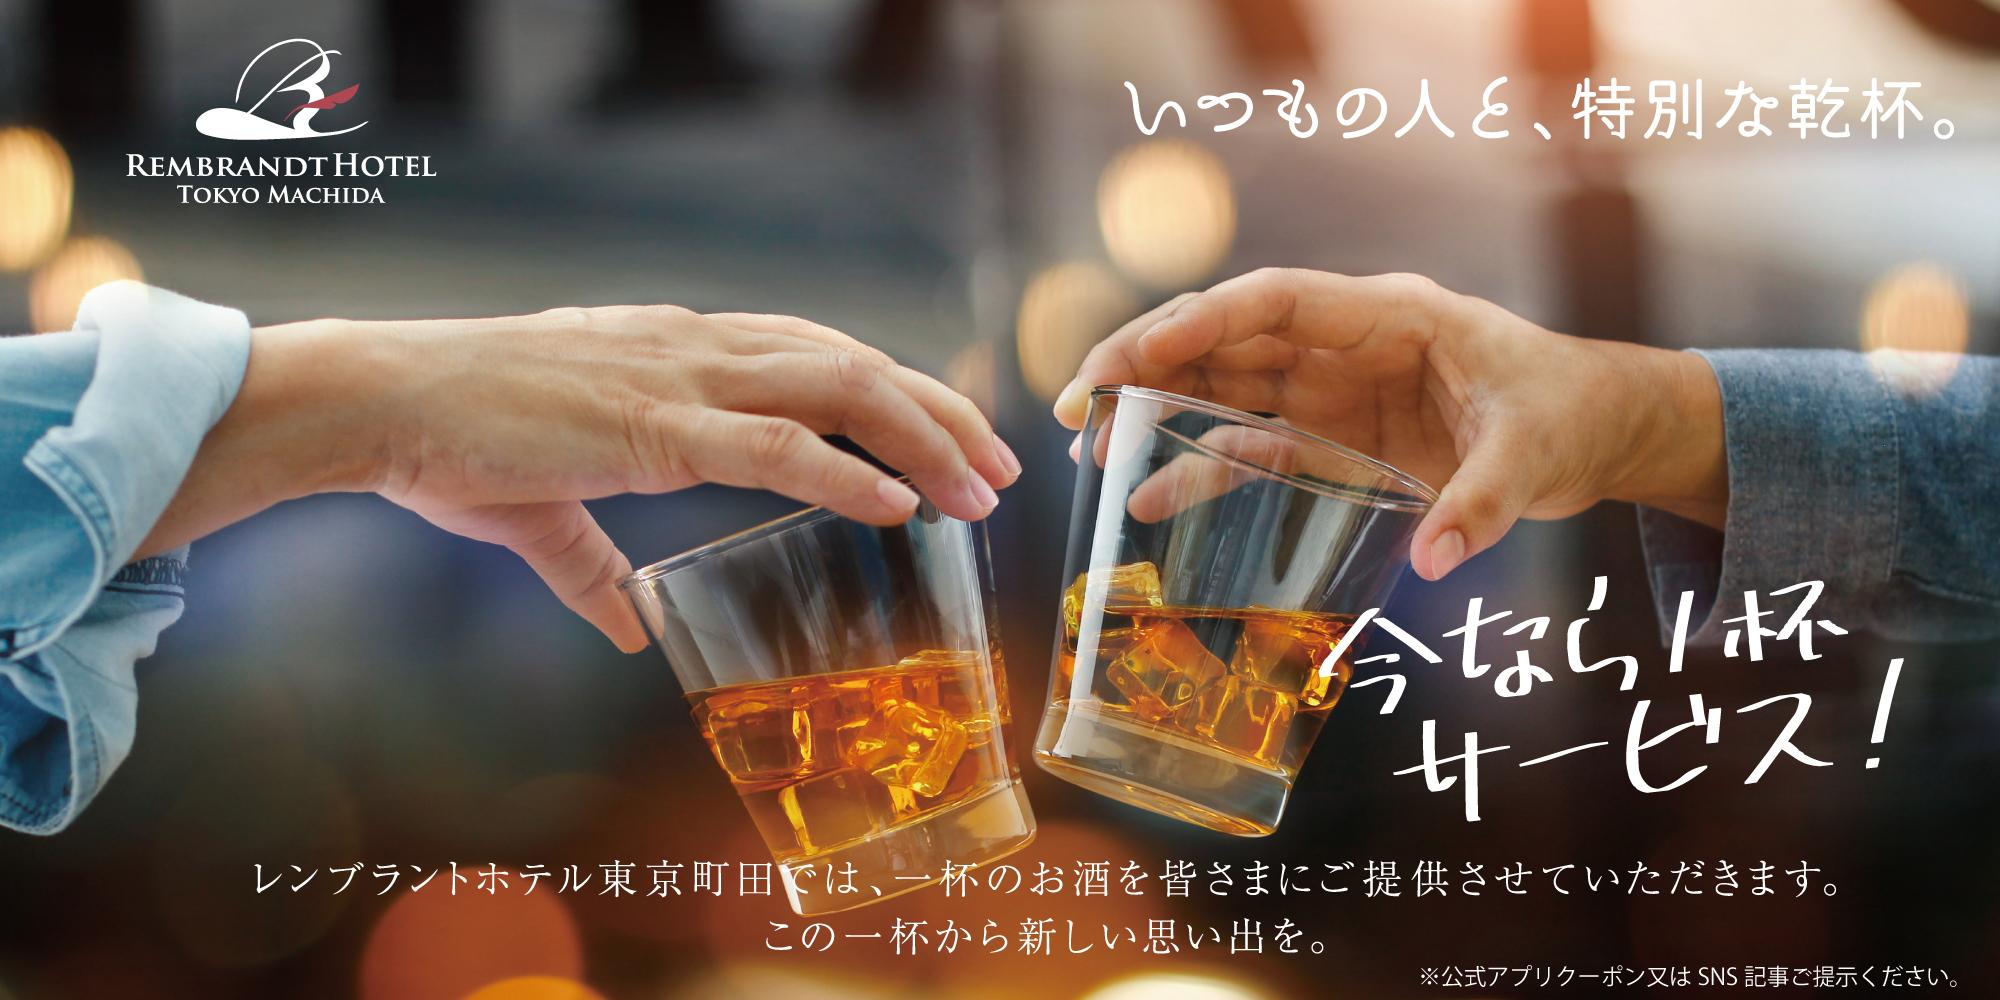 BeMe</br>~自分らしく生きよう~</br>一杯のお酒をレンブラントホテル東京町田にご馳走させてください。  新着情報 レンブラントホテル東京町田【公式】